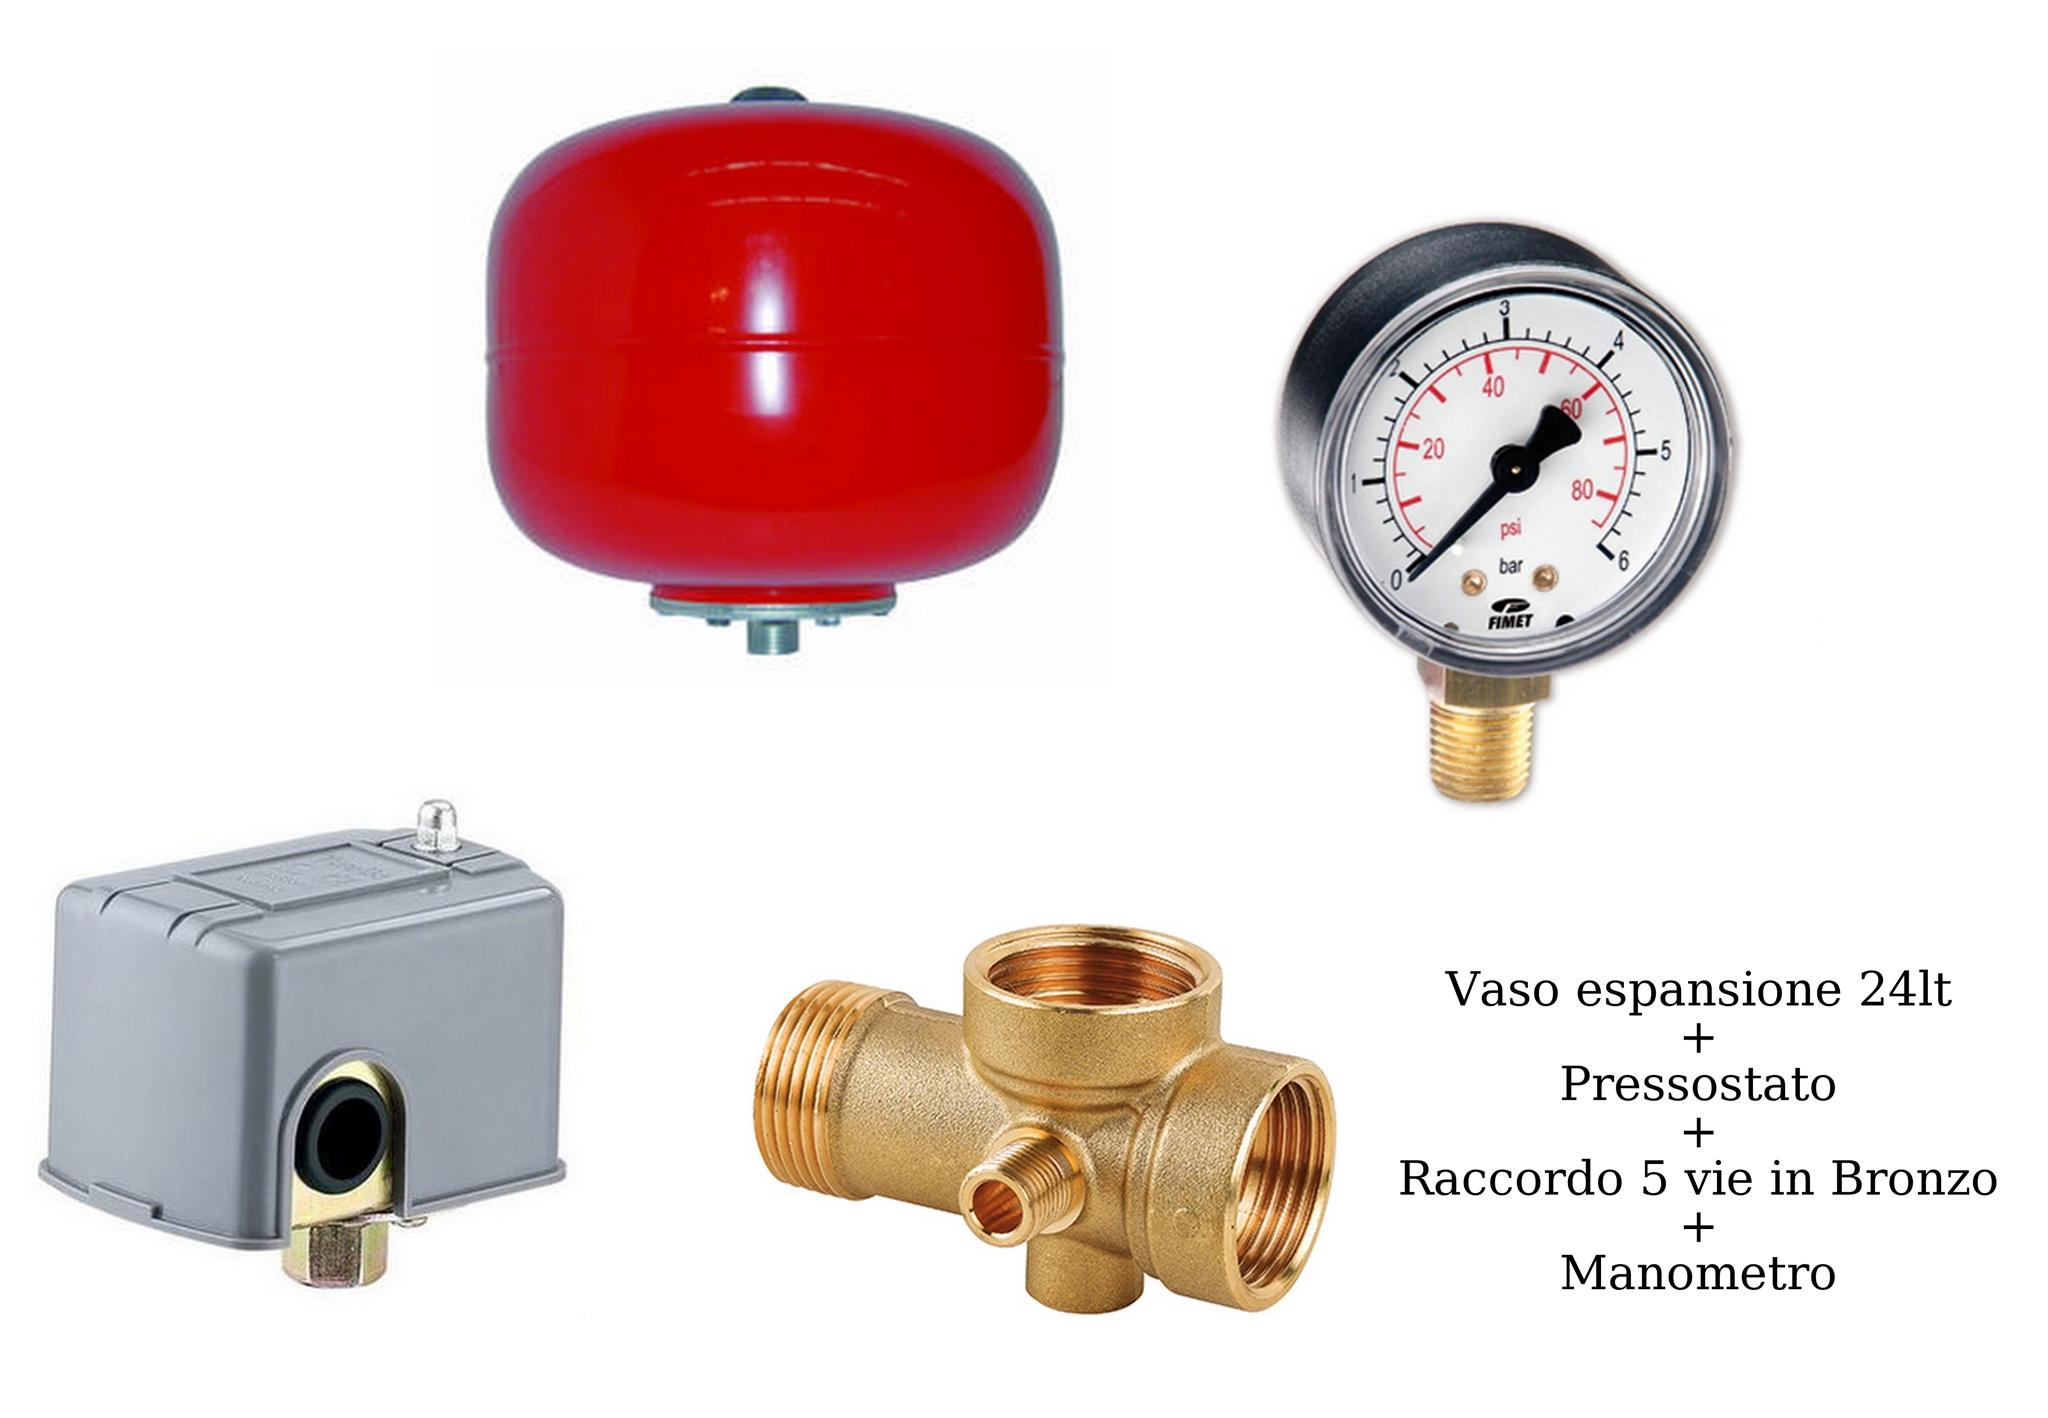 Kit autoclave vaso24lt manometro pressostato raccordo 5 vie - Autoclave per casa ...